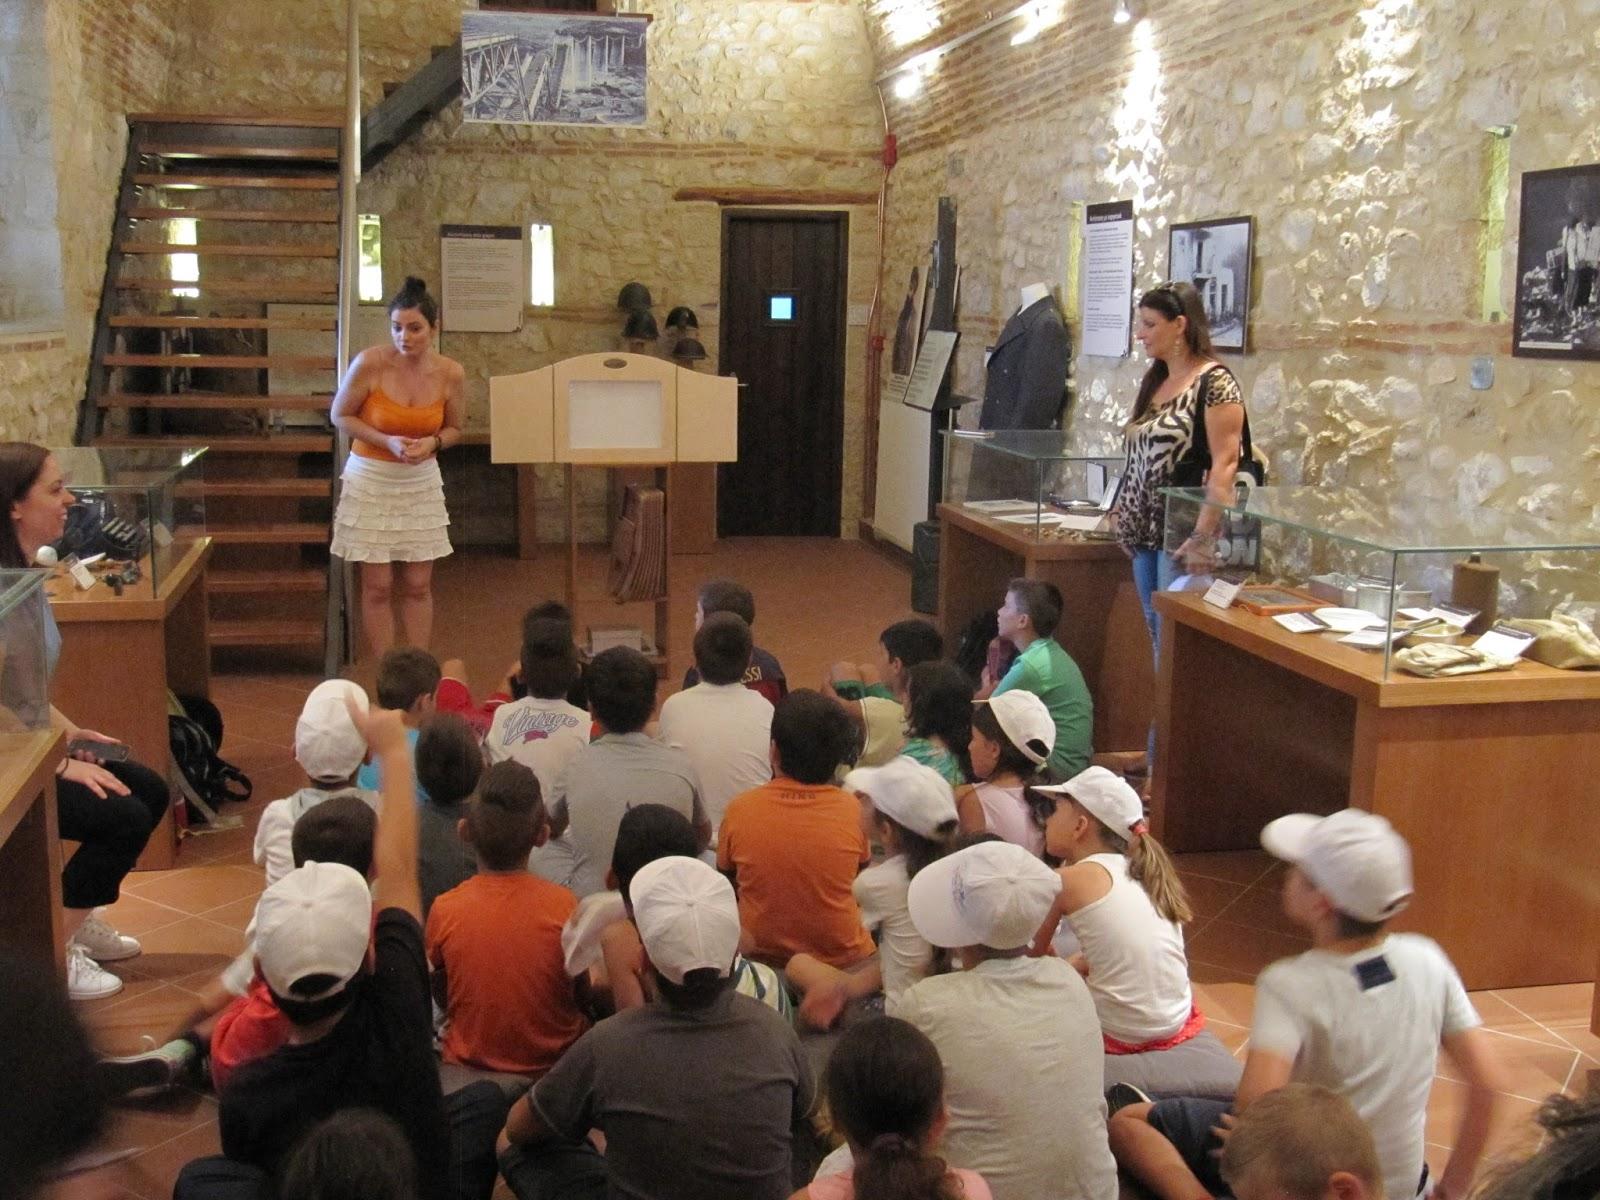 Επίσκεψη των παιδιών του Πολιτιστικού Κέντρου Αγίου Γεωργίου στο μουσείο Εθνικής Αντίστασης